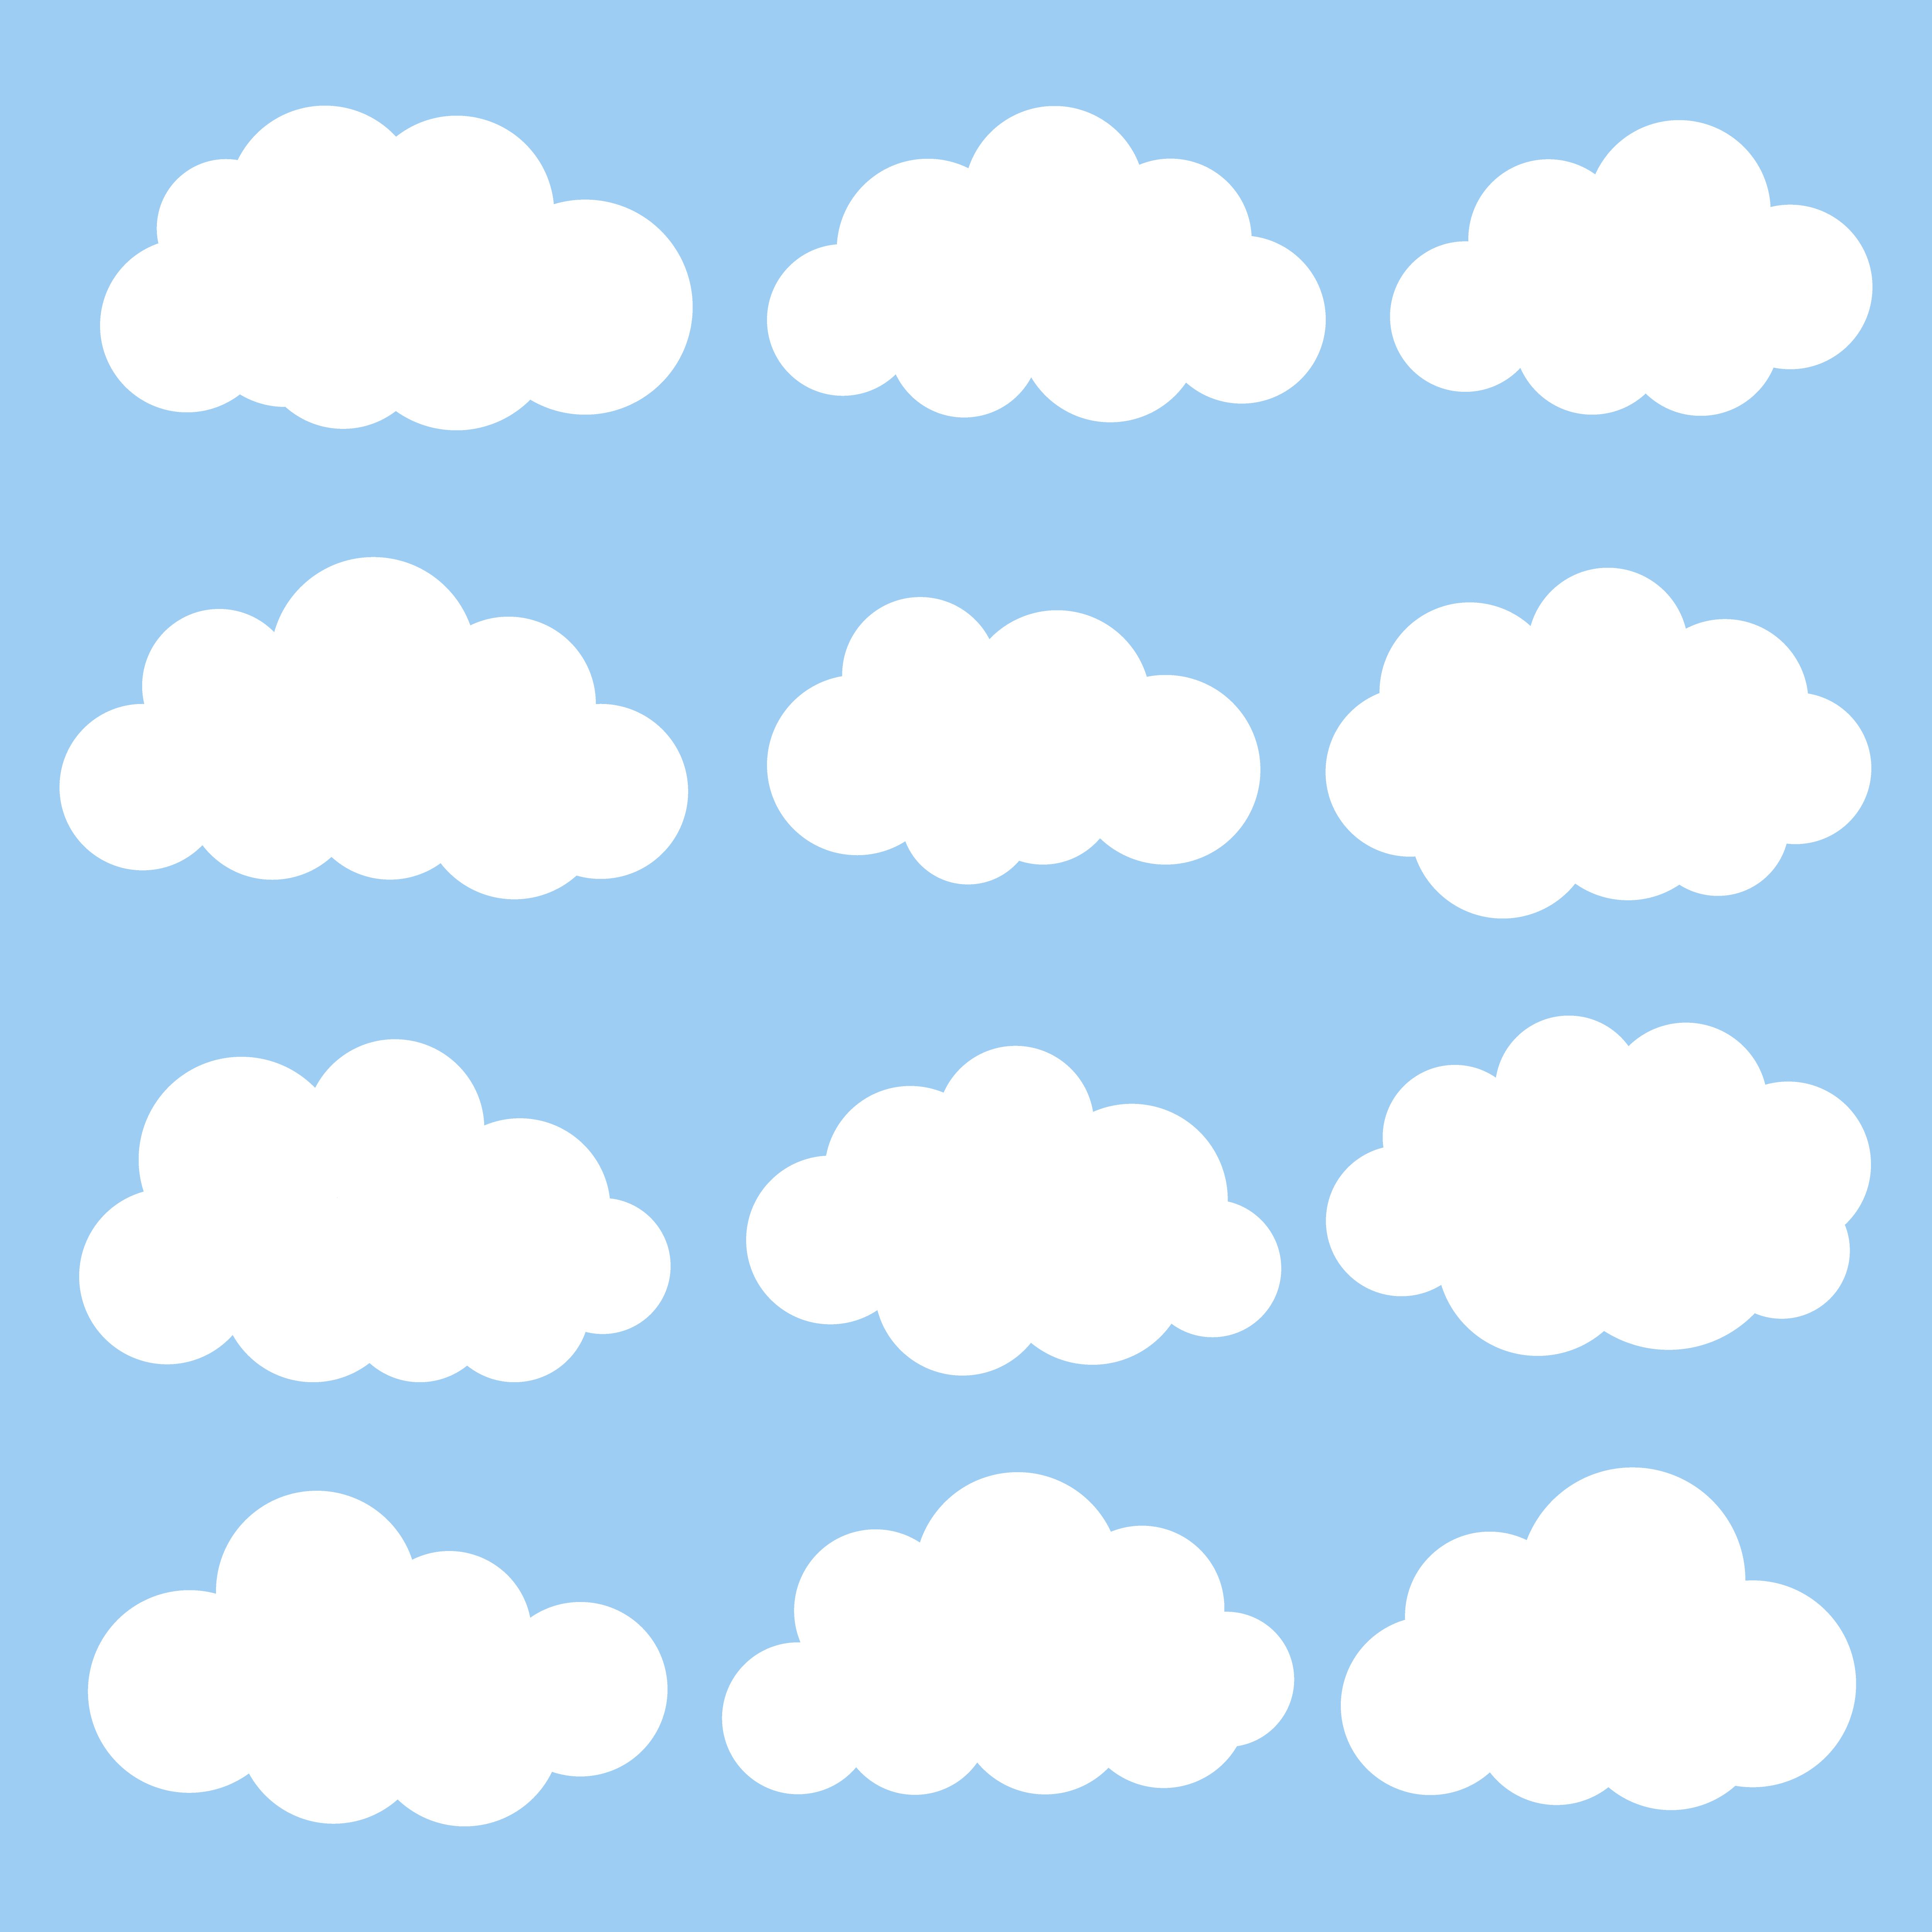 Картинка облако графически